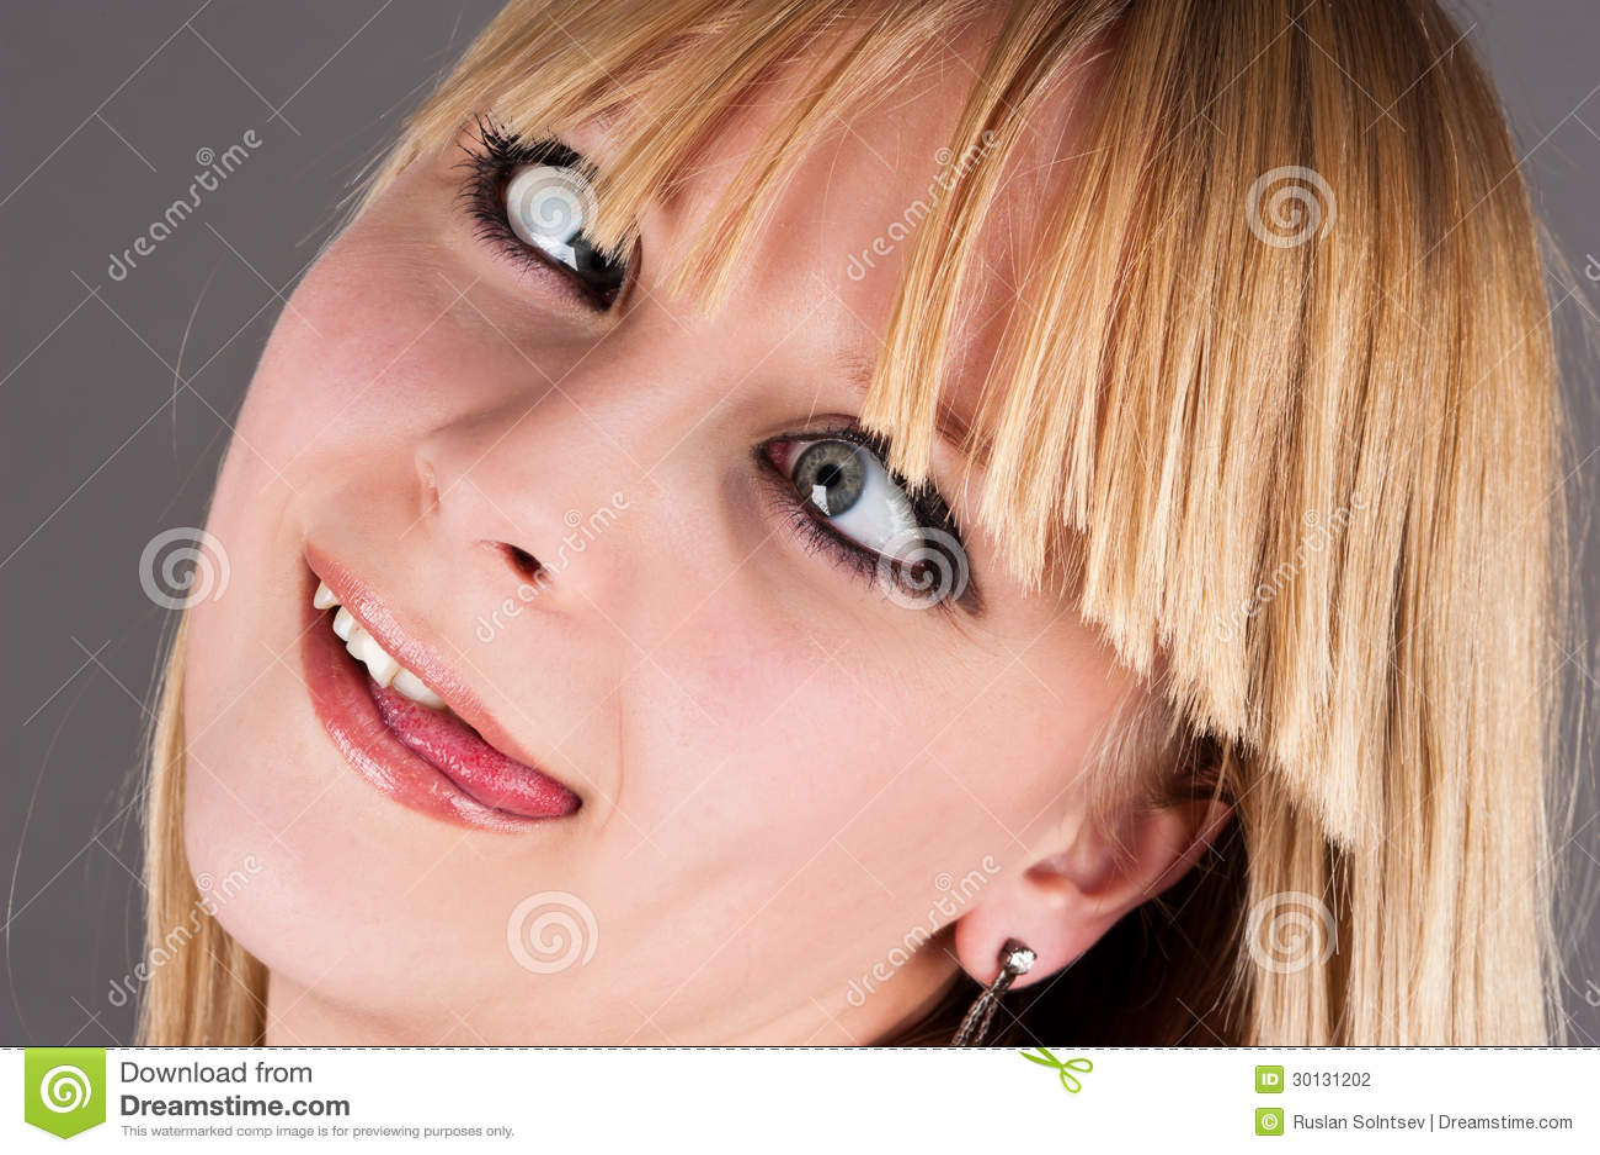 Ragazza bionda pazza - ritratto-di-una-ragazza-bionda-pazza-30131202